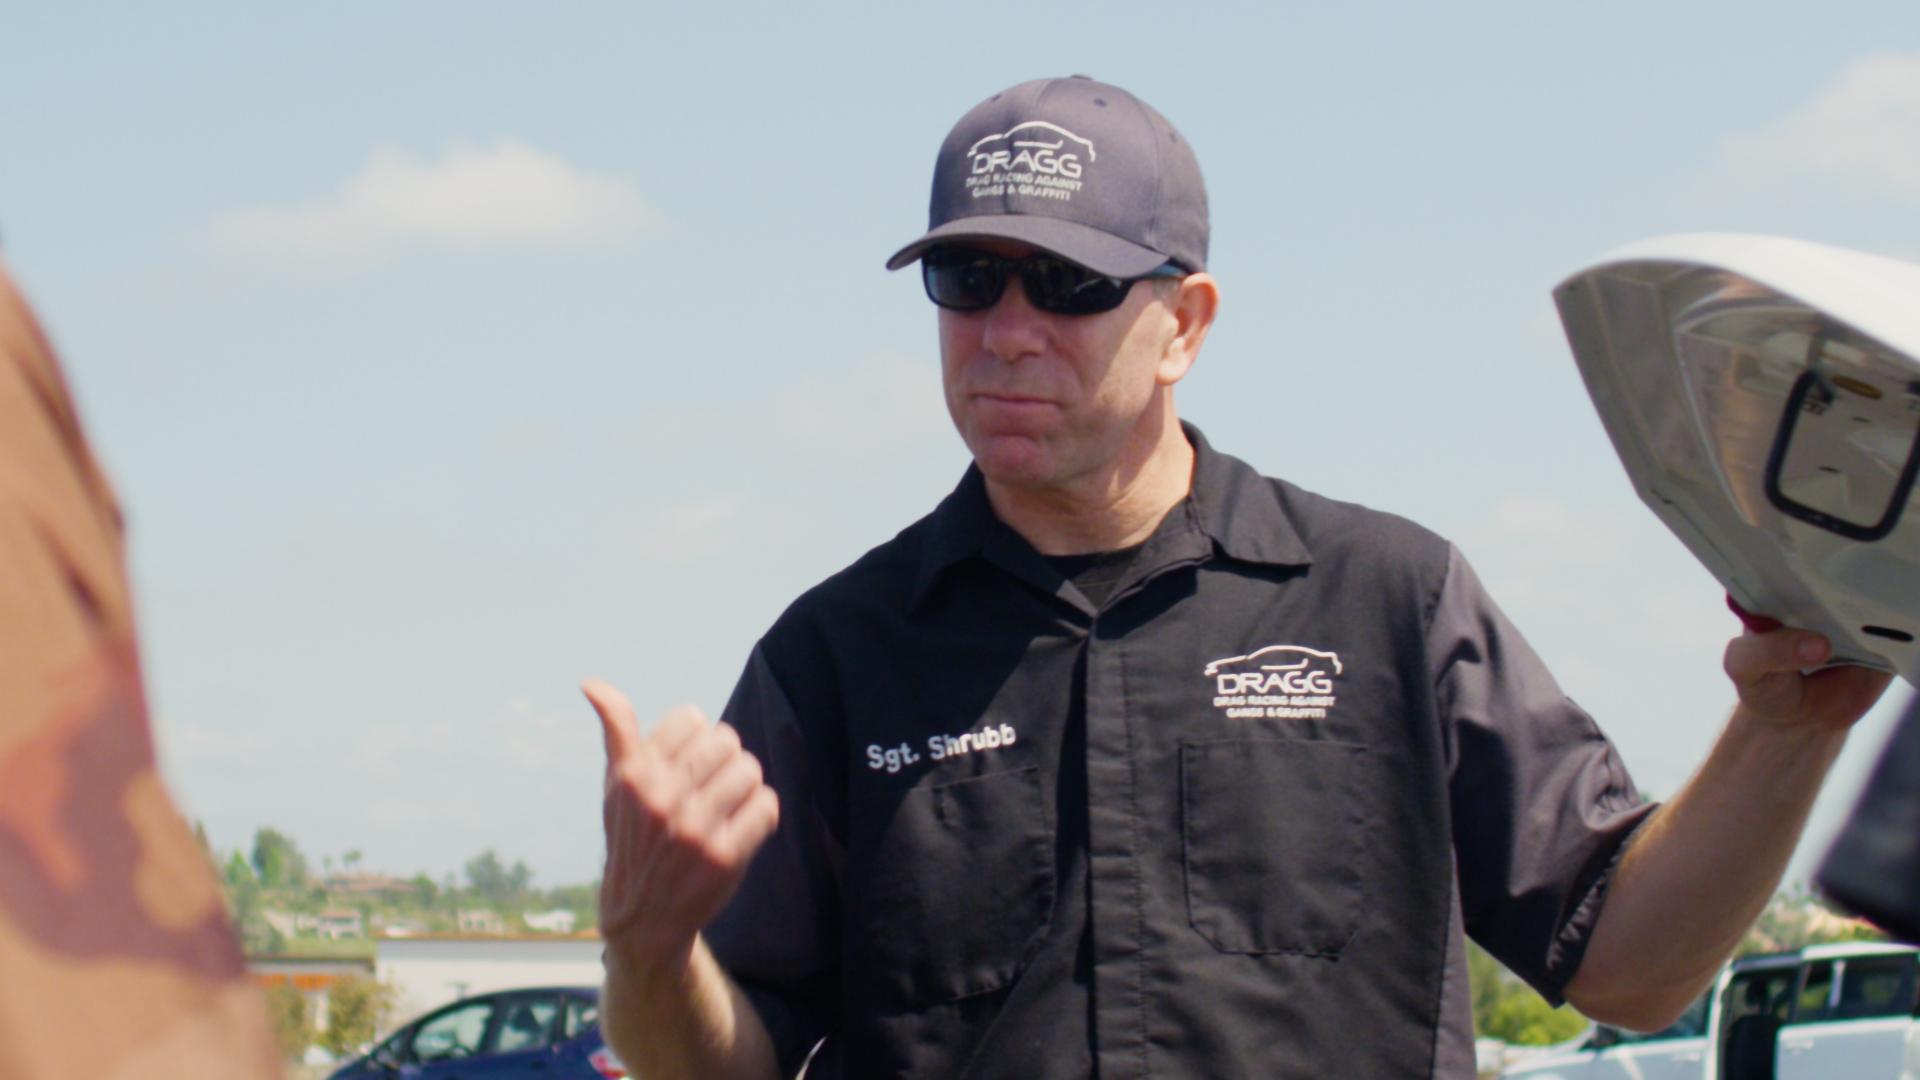 DRAGG co-executive director Daniel Shrubb